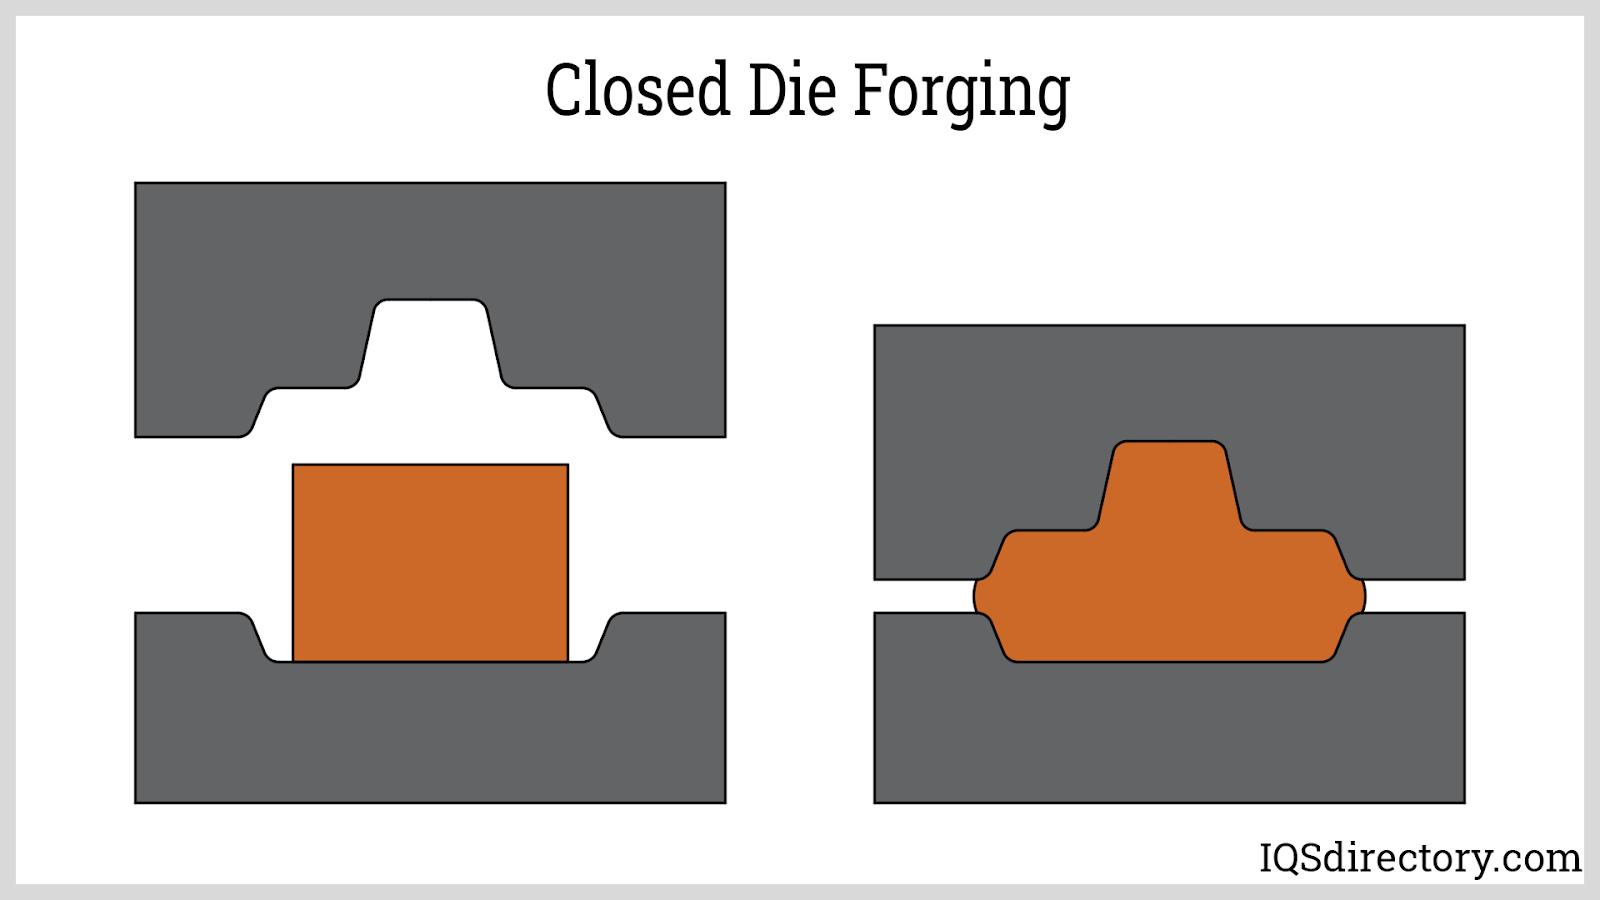 Closed Die Forging